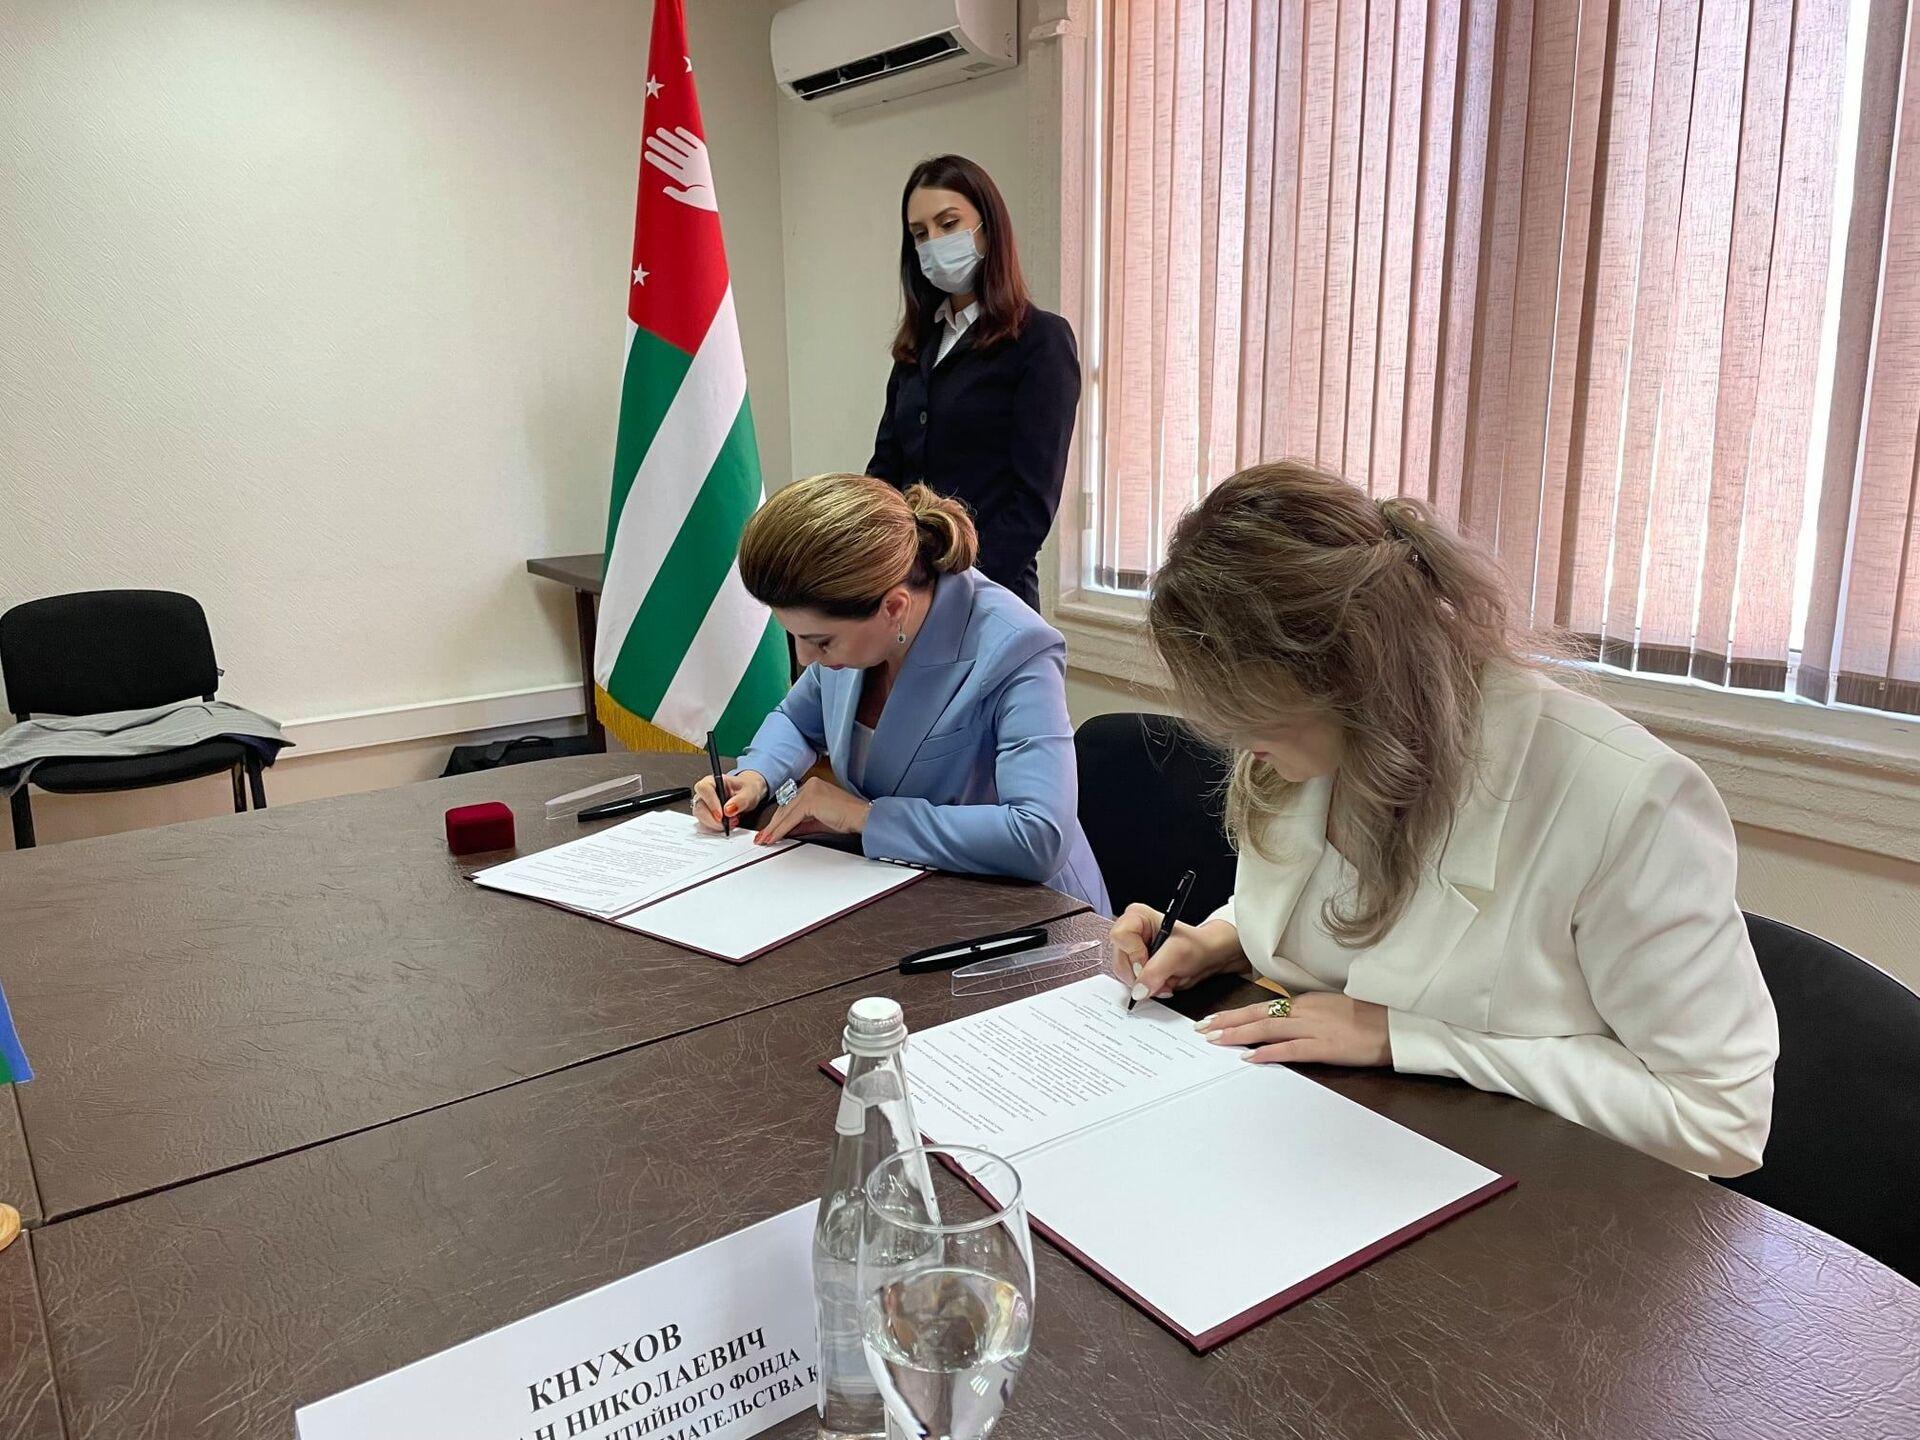 В Абхазии находится бизнес-делегация представителей малого и среднего предпринимательства из Карачаево-Черкесской Республики - Sputnik Абхазия, 1920, 12.10.2021